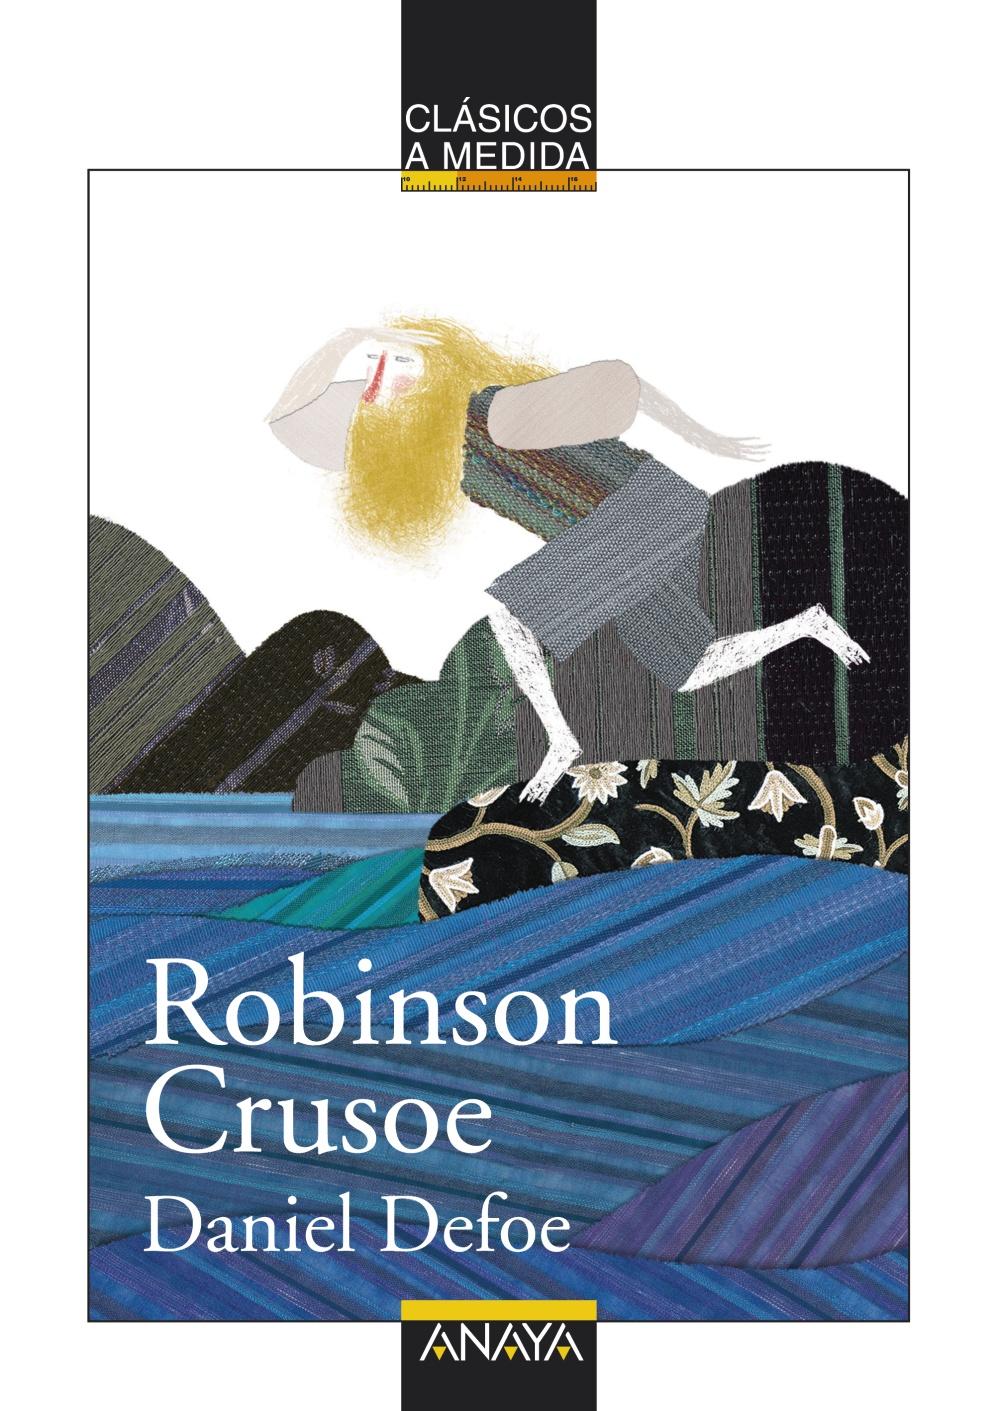 Jacobo Muñiz Robinson Crusoe